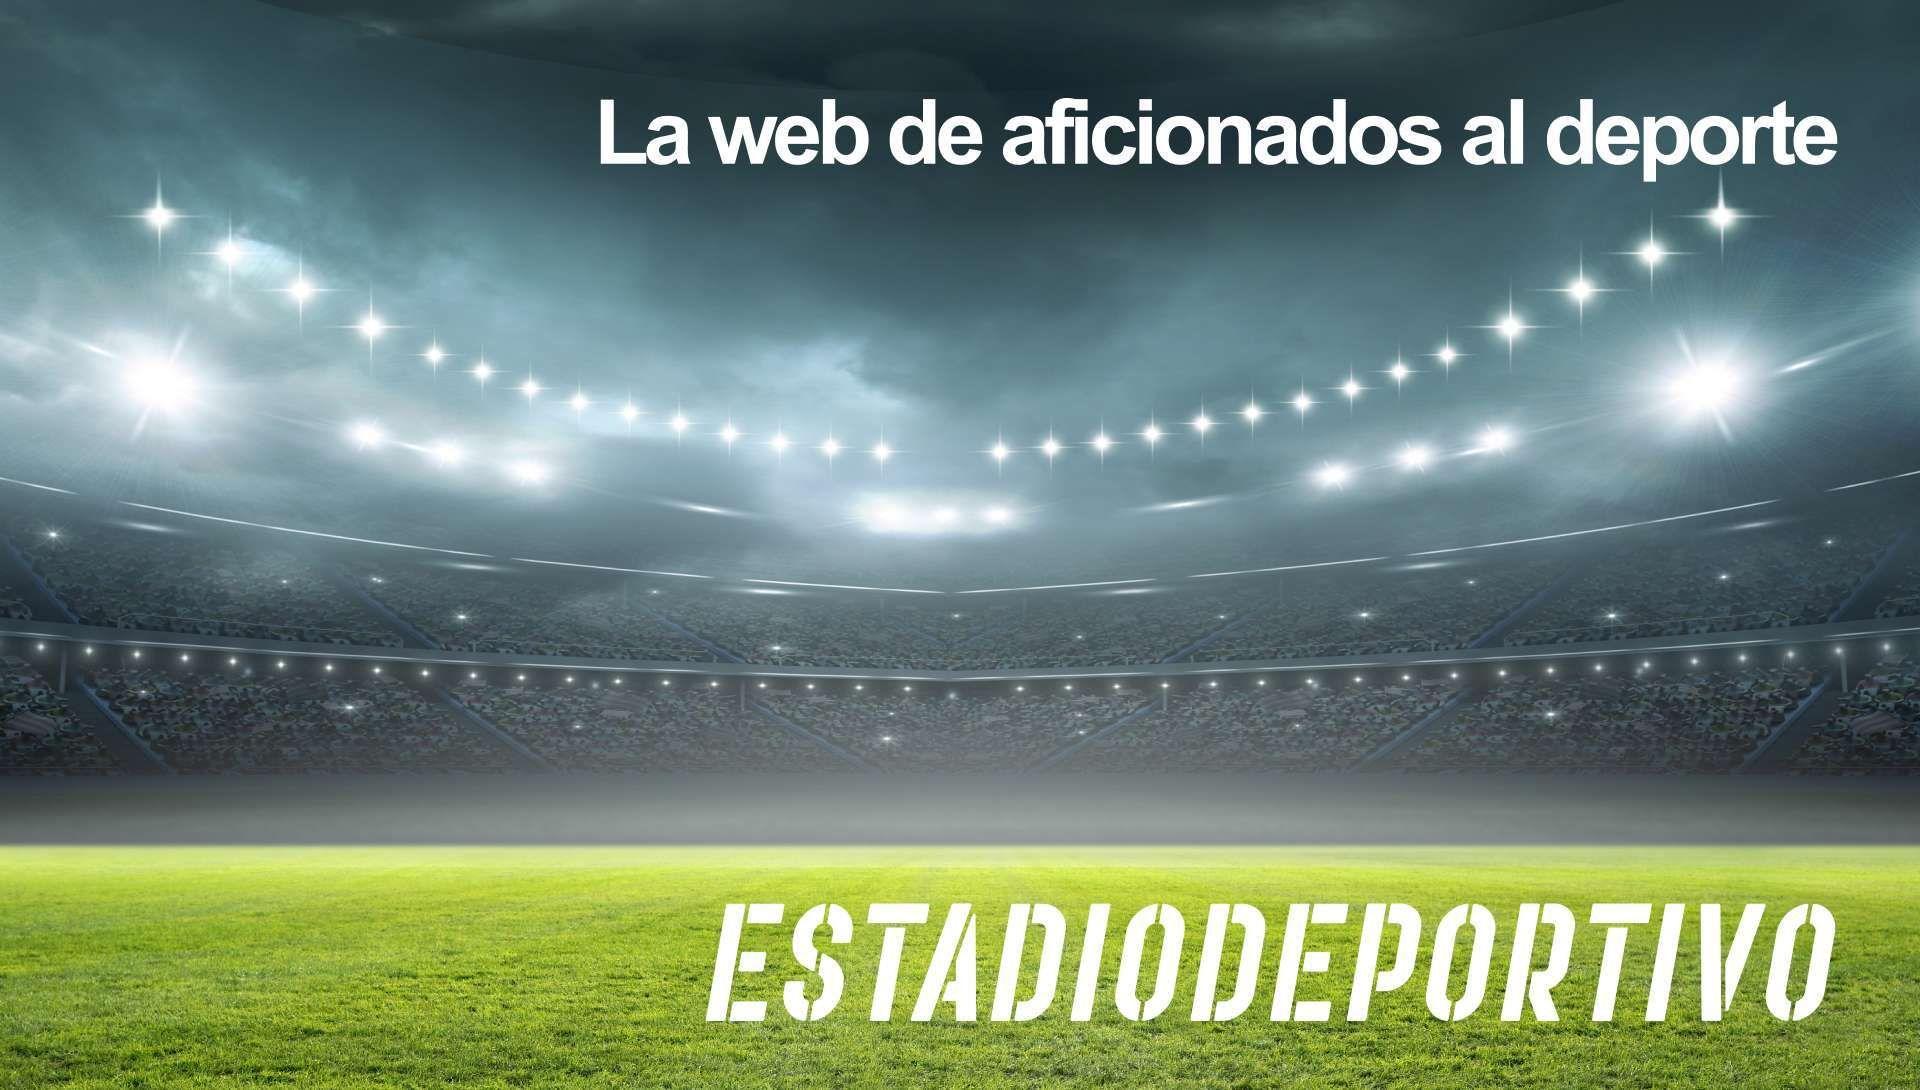 Las imágenes del entrenamiento del Sevilla